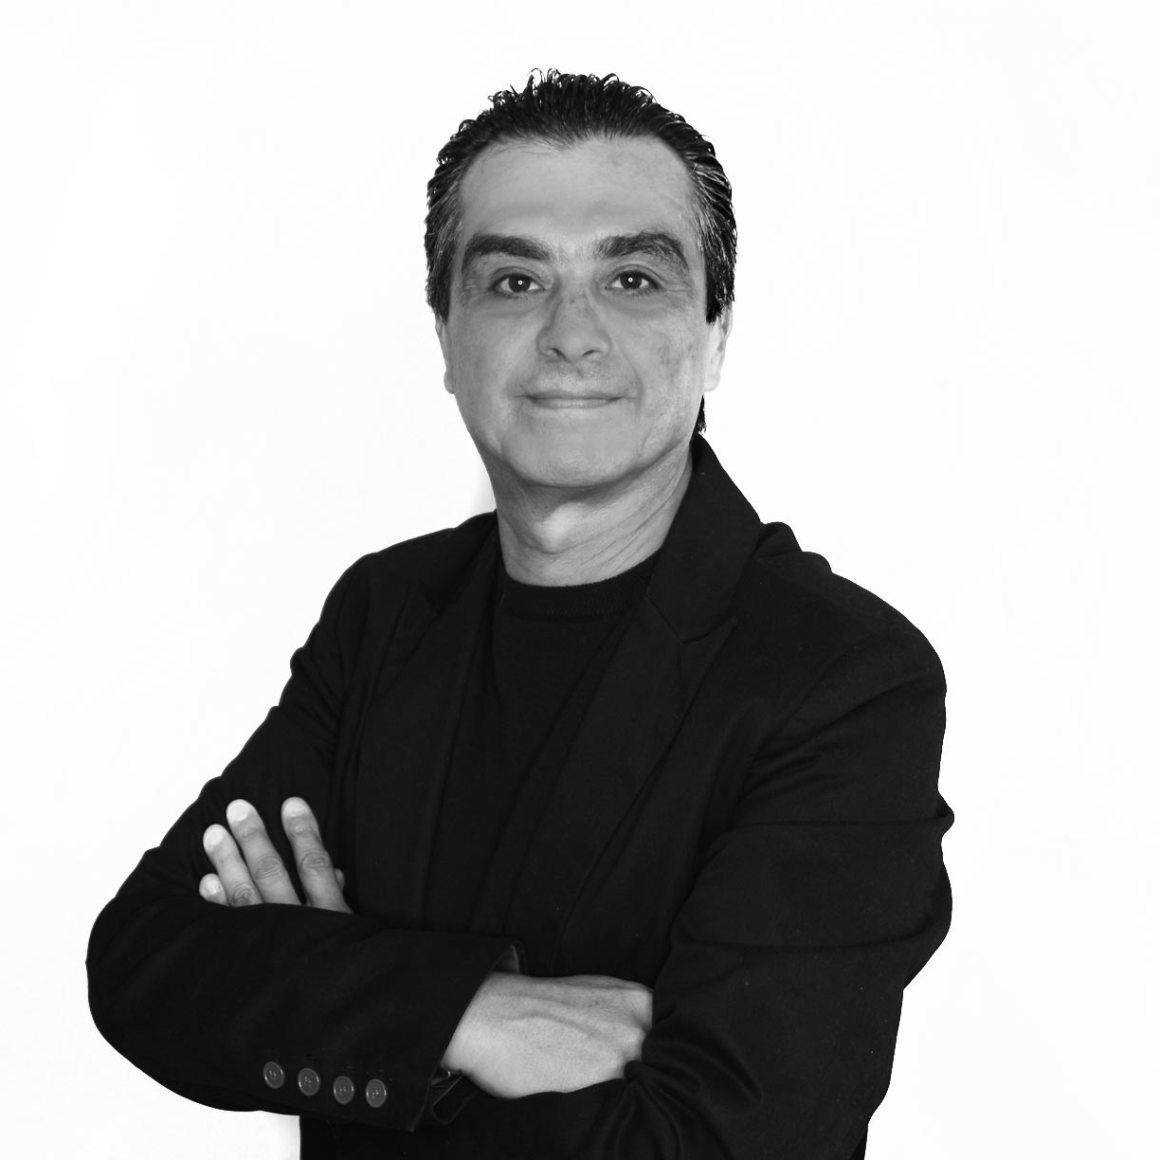 Vidal_bn